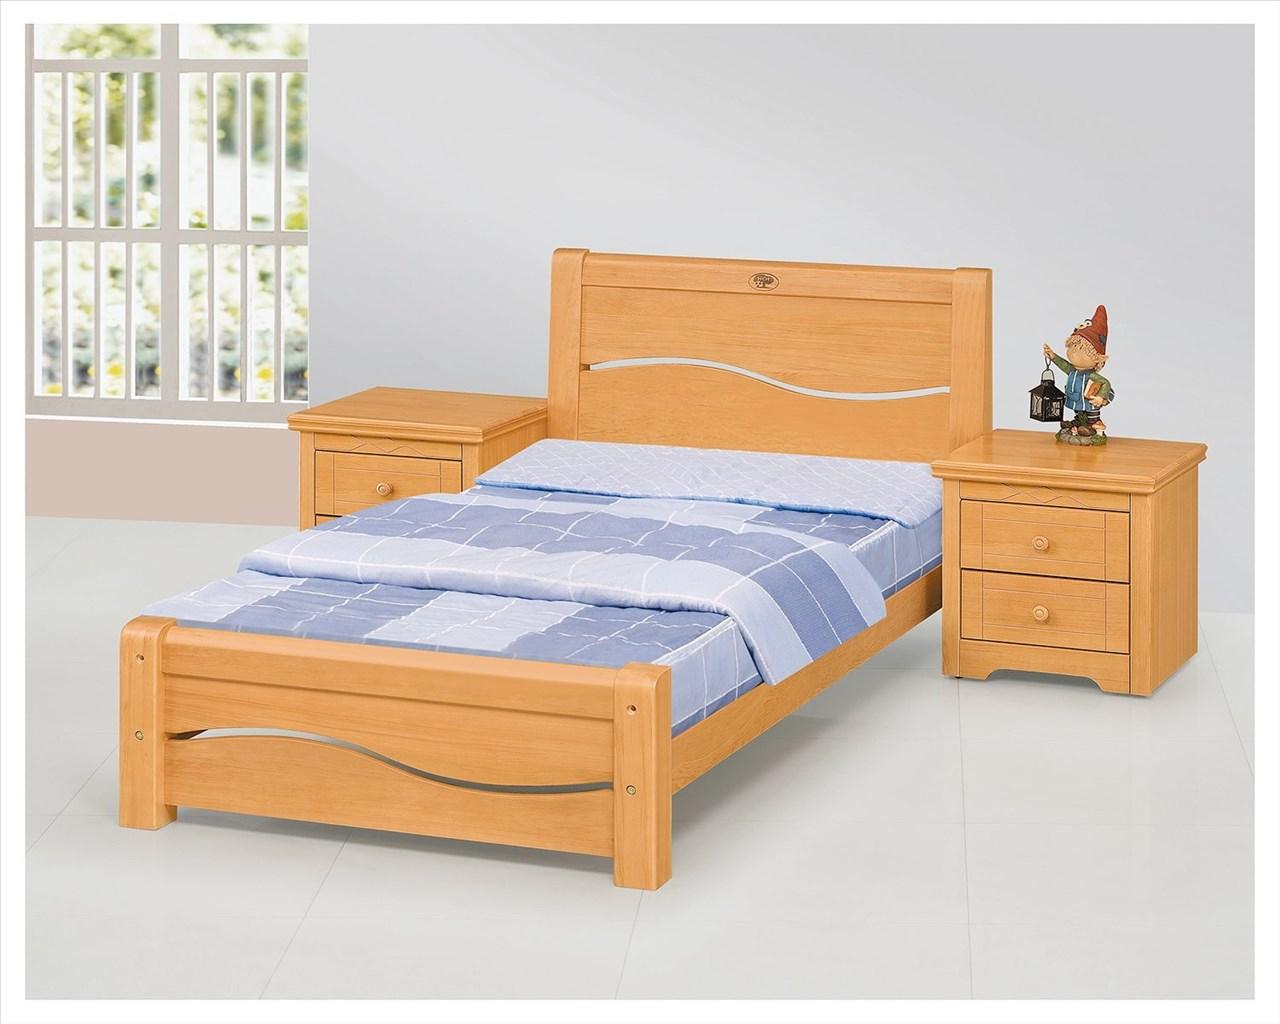 【石川家居】EF-96-2 米蘭3.5尺檜木色單人床架 (不含床墊及含其他商品) 需搭配車趟